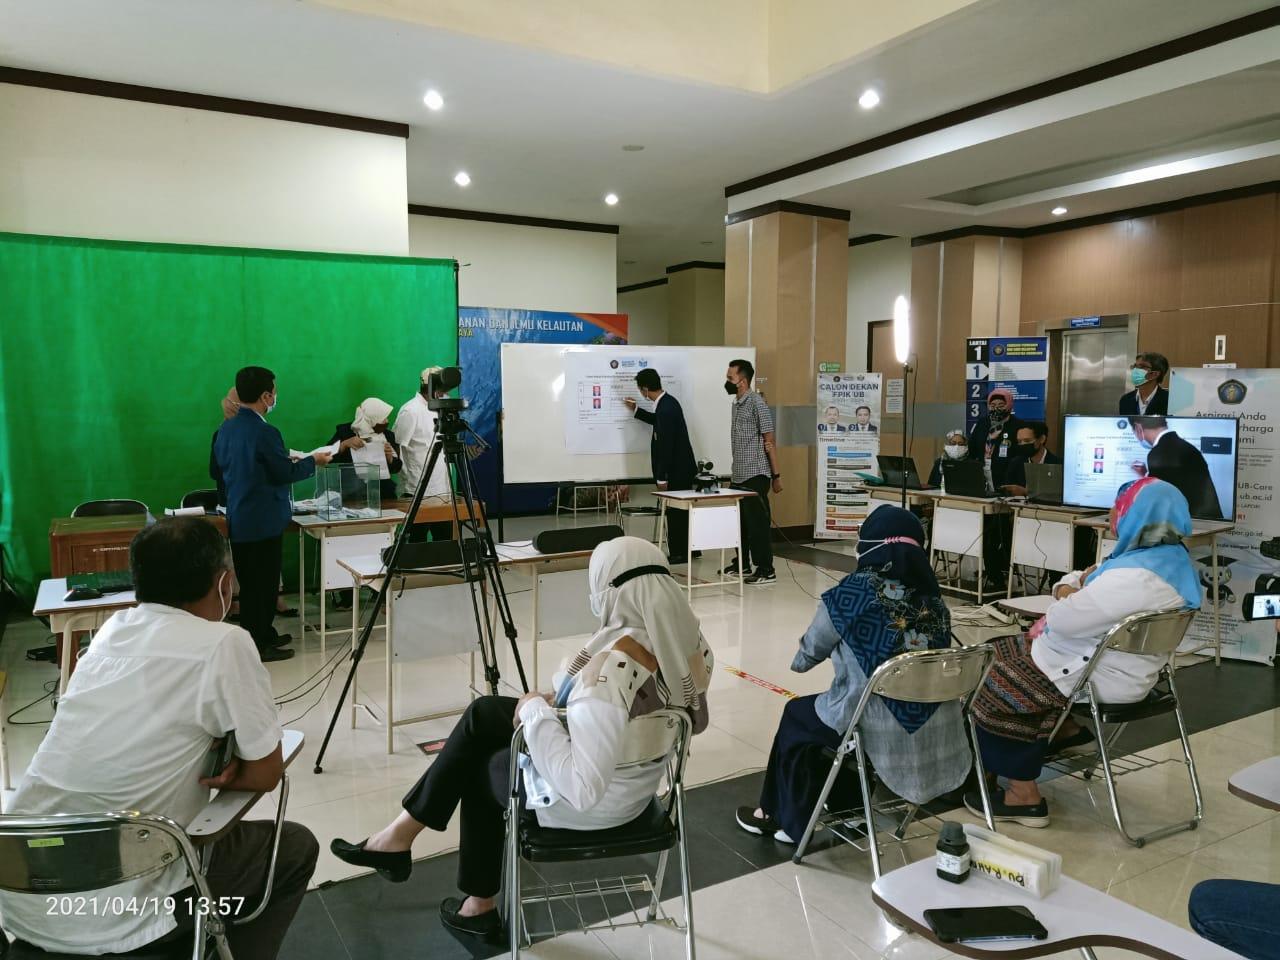 Hasil Penjaringan Suara Calon Dekan FPIK UB Periode 2021-2025, Prof. Maftuch Unggul Tipis 8 Suara